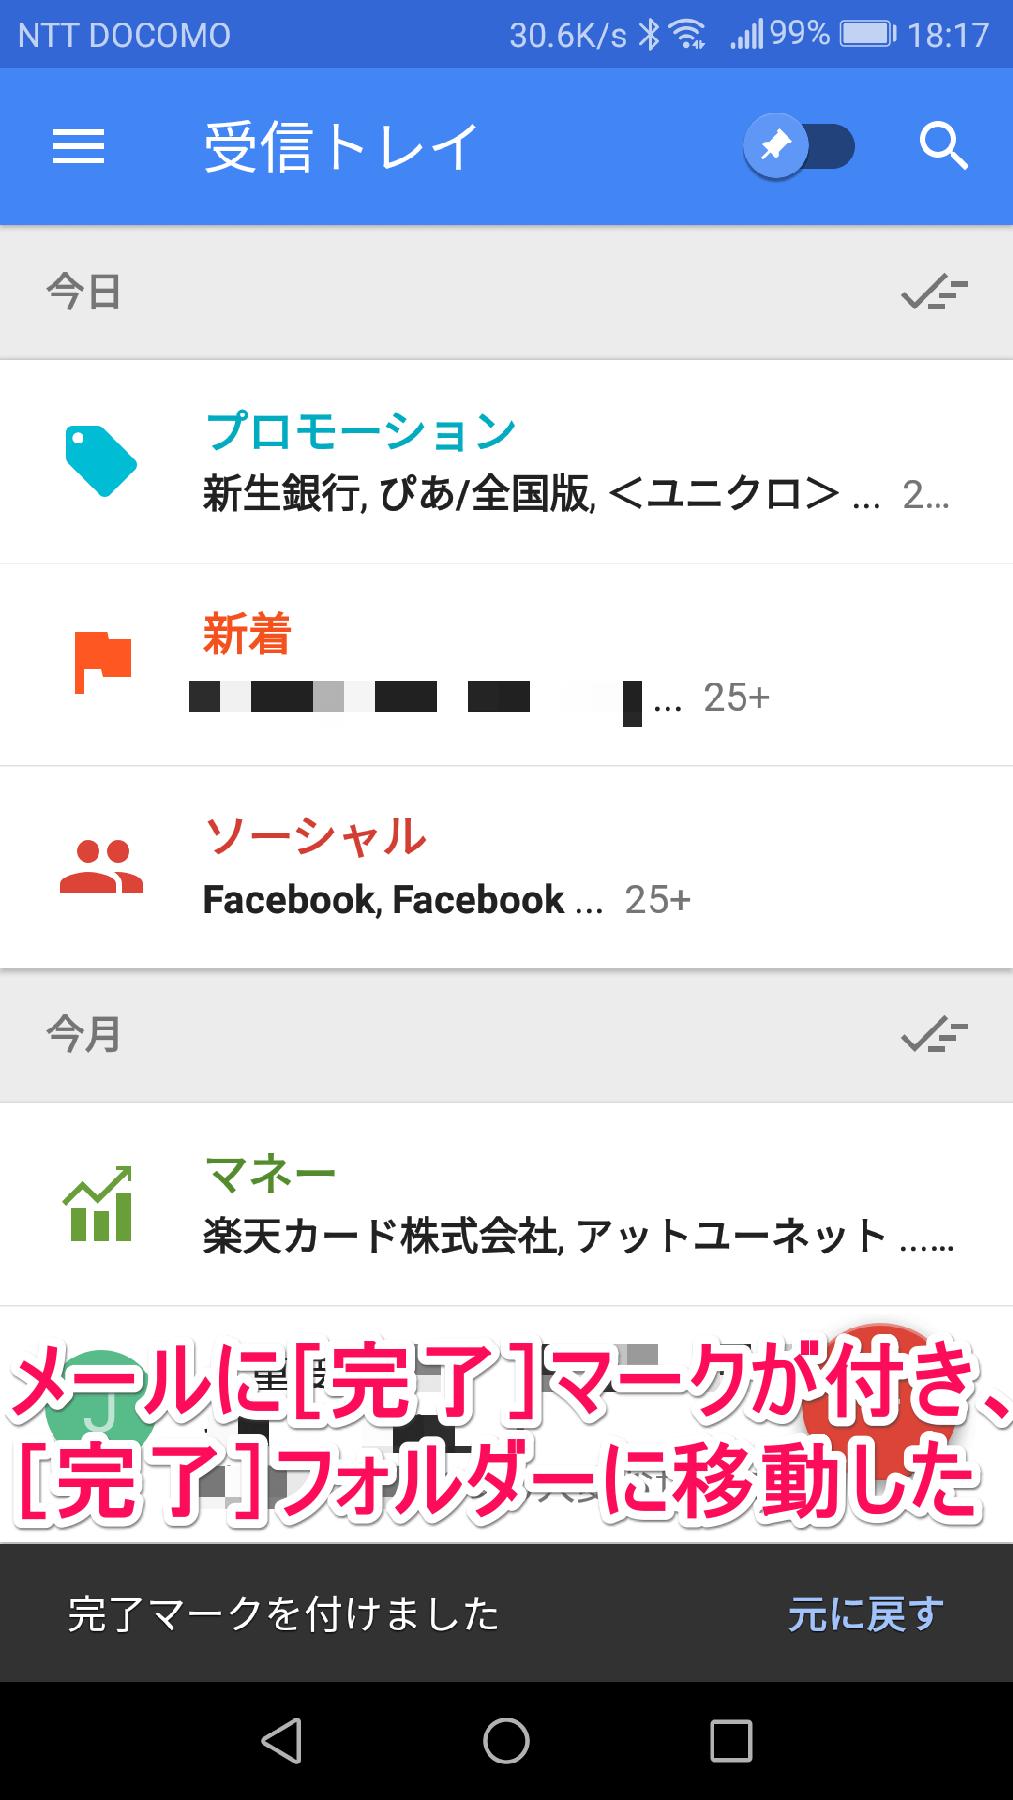 Inbox by Gmail(インボックス、ジーメール)で[ハイライト]されたメールが[完了]フォルダーに移動した後の画面